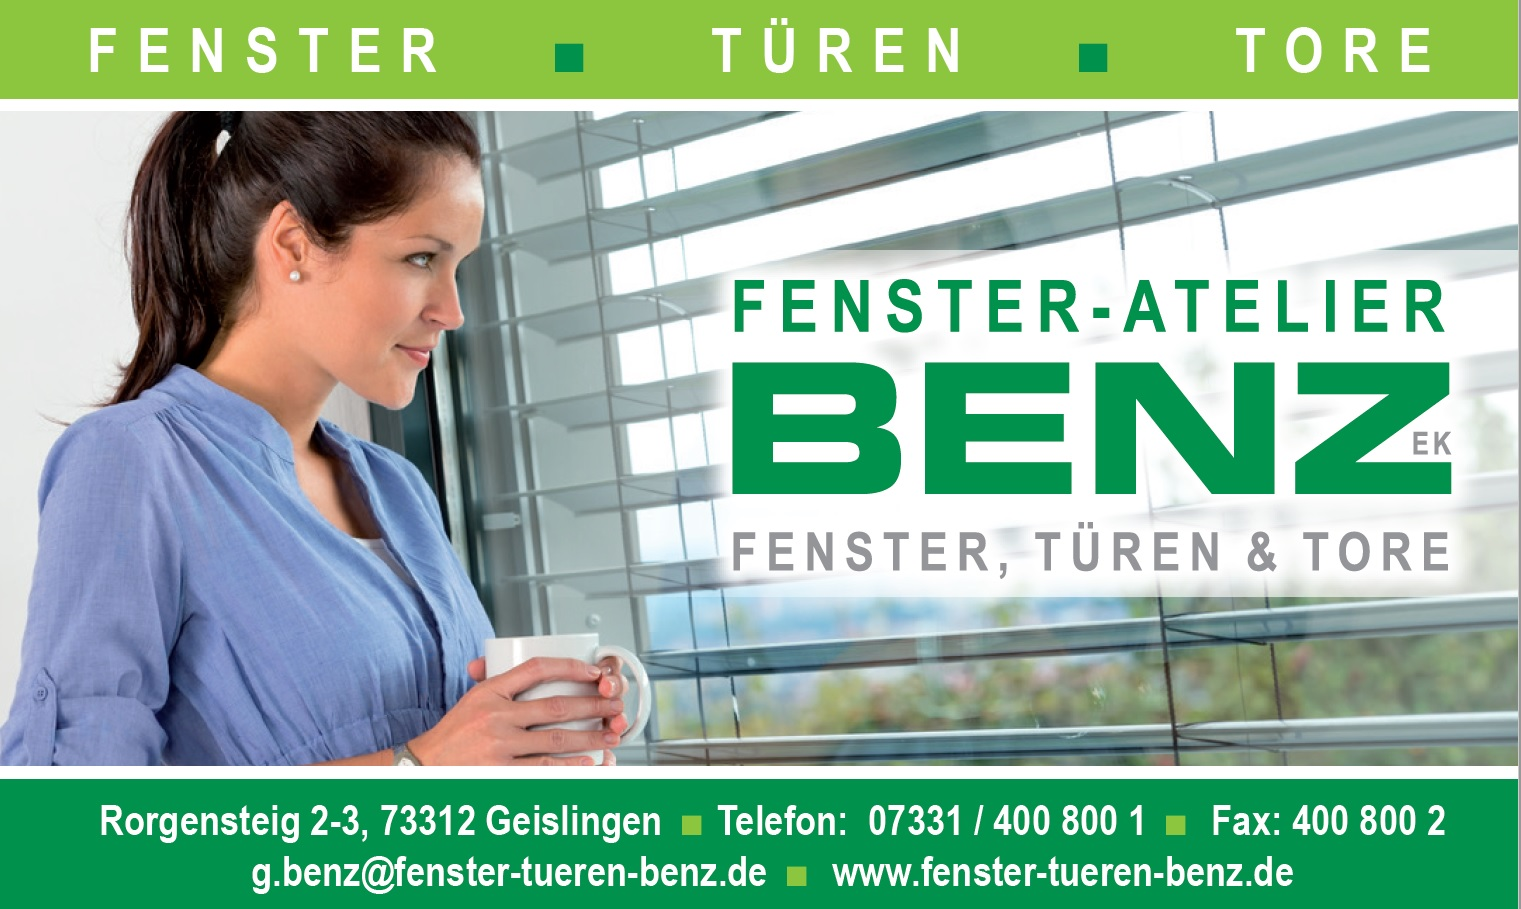 Fenster-Atelier Benz GmbH & Co. KG